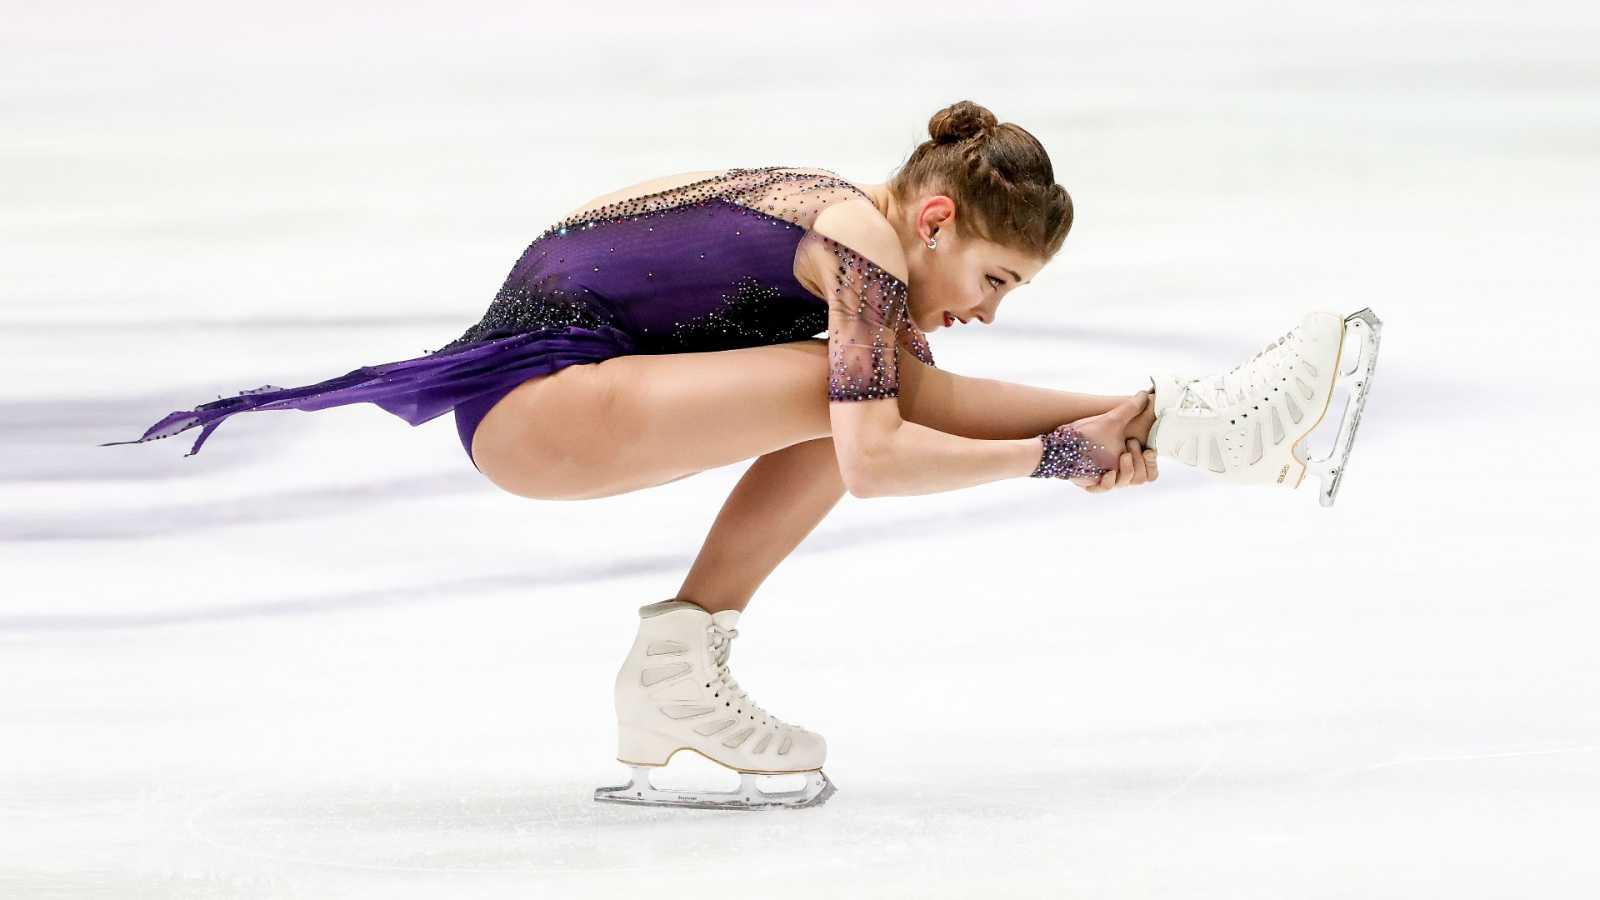 Patinaje artístico - Campeonato de Europa. Programa libre femenino - ver ahora